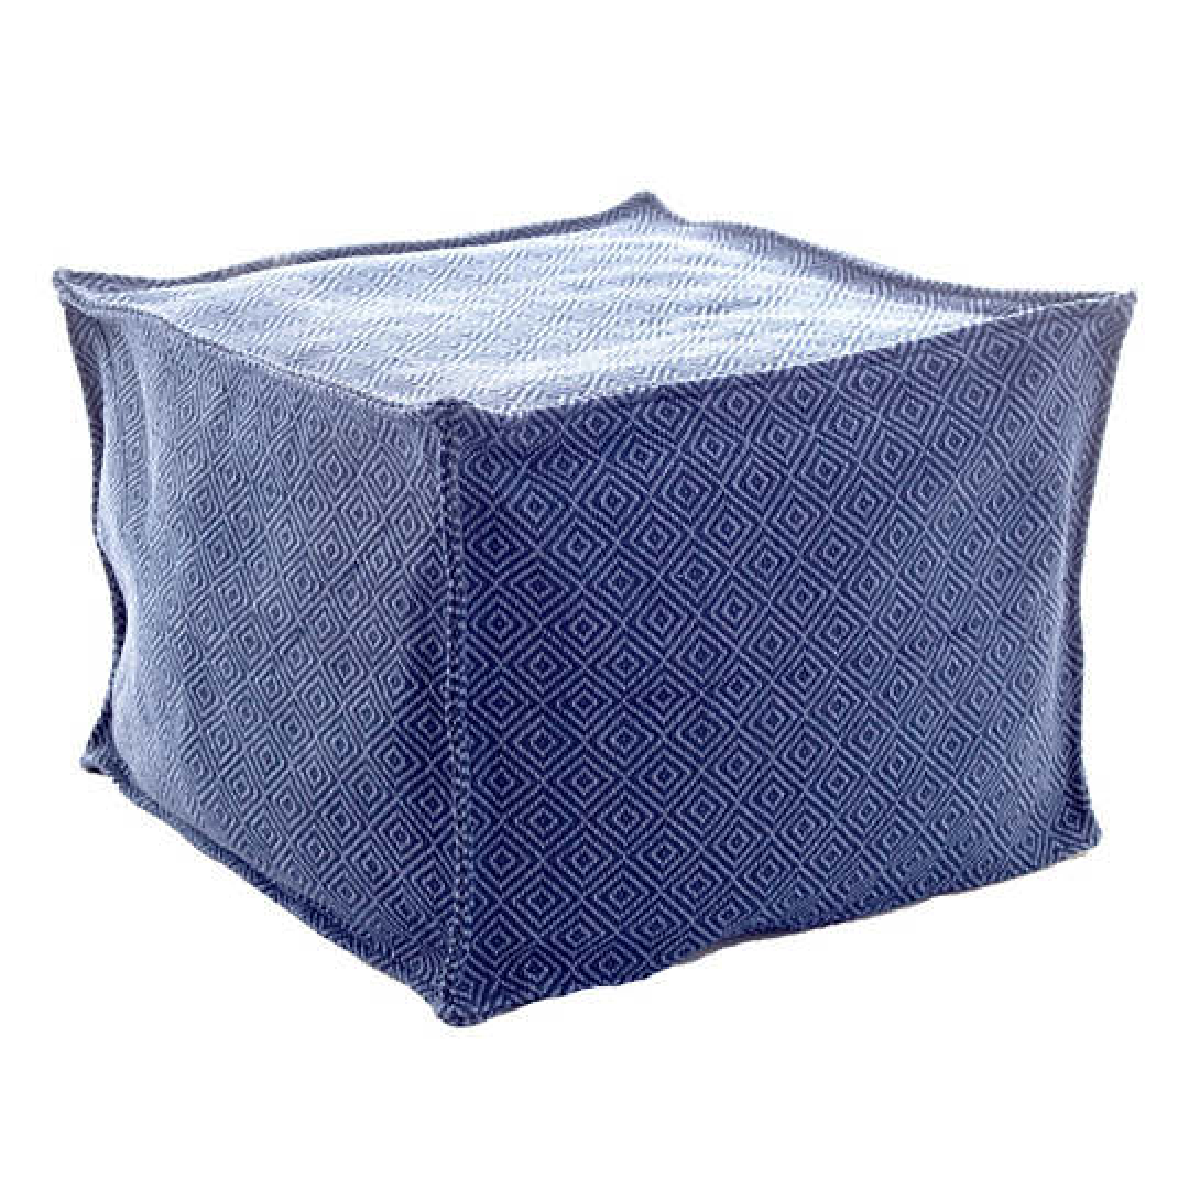 Petit Diamond Navy/Denim Indoor/Outdoor Pouf